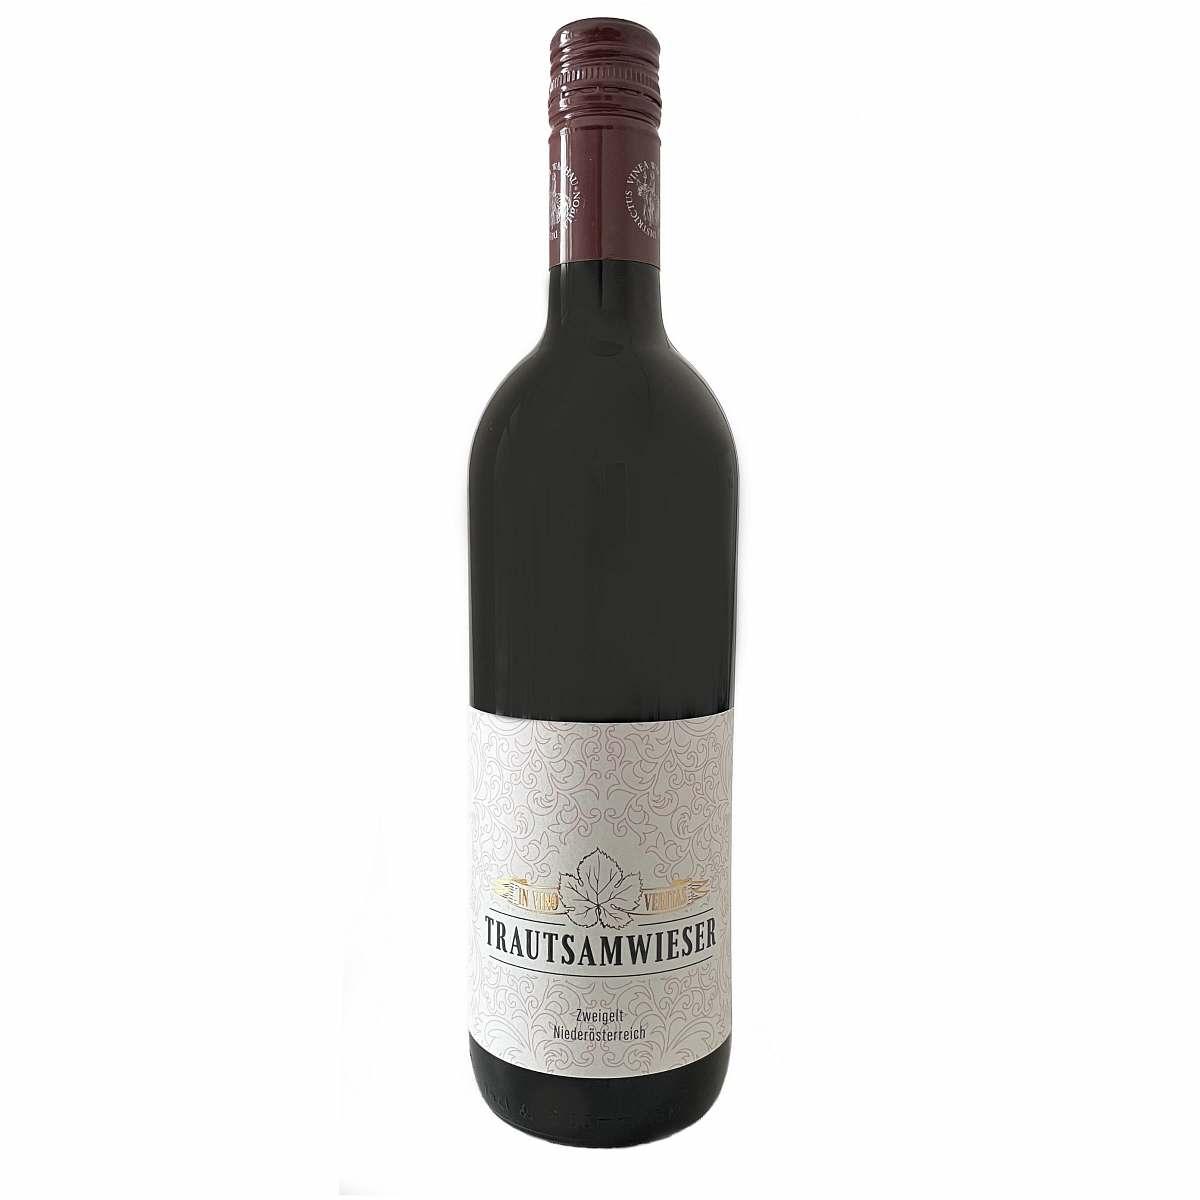 Zweigelt Weingut Trautsamwieser